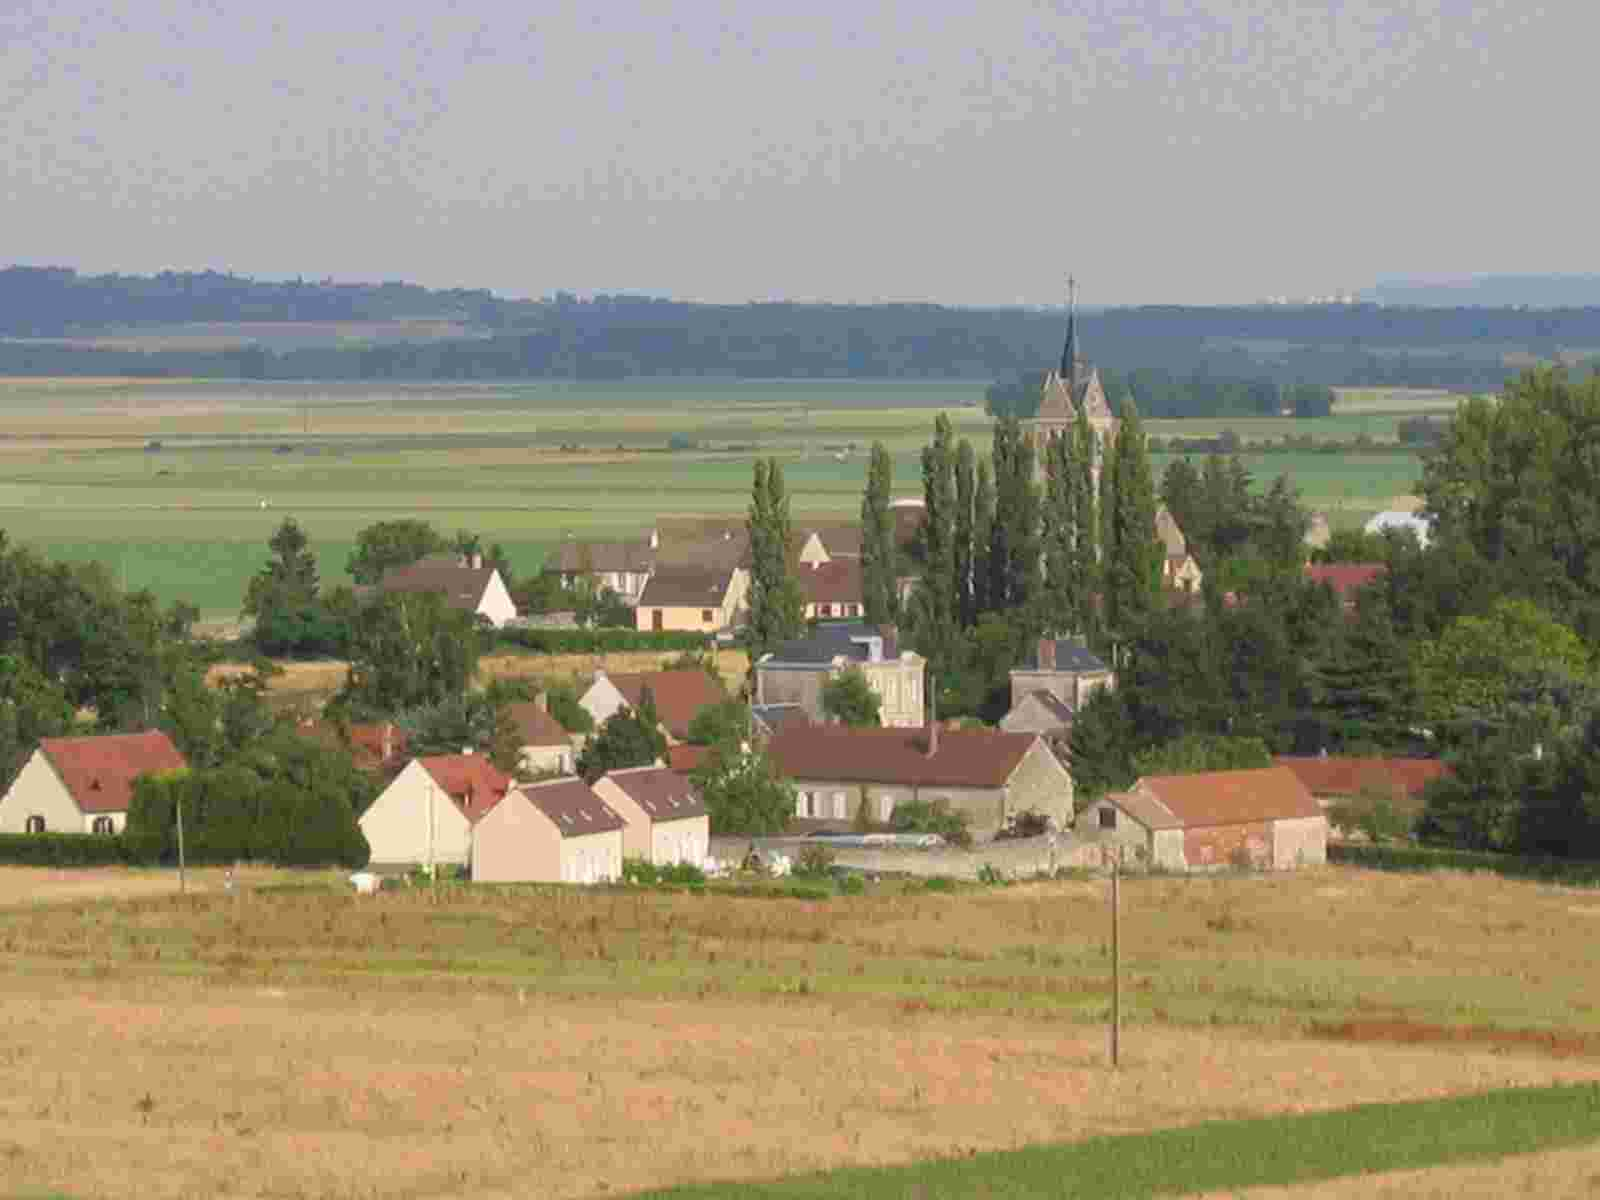 rechts neben dem Kirchturm von Hadancourt erkennt man die Hochhäuser von Paris